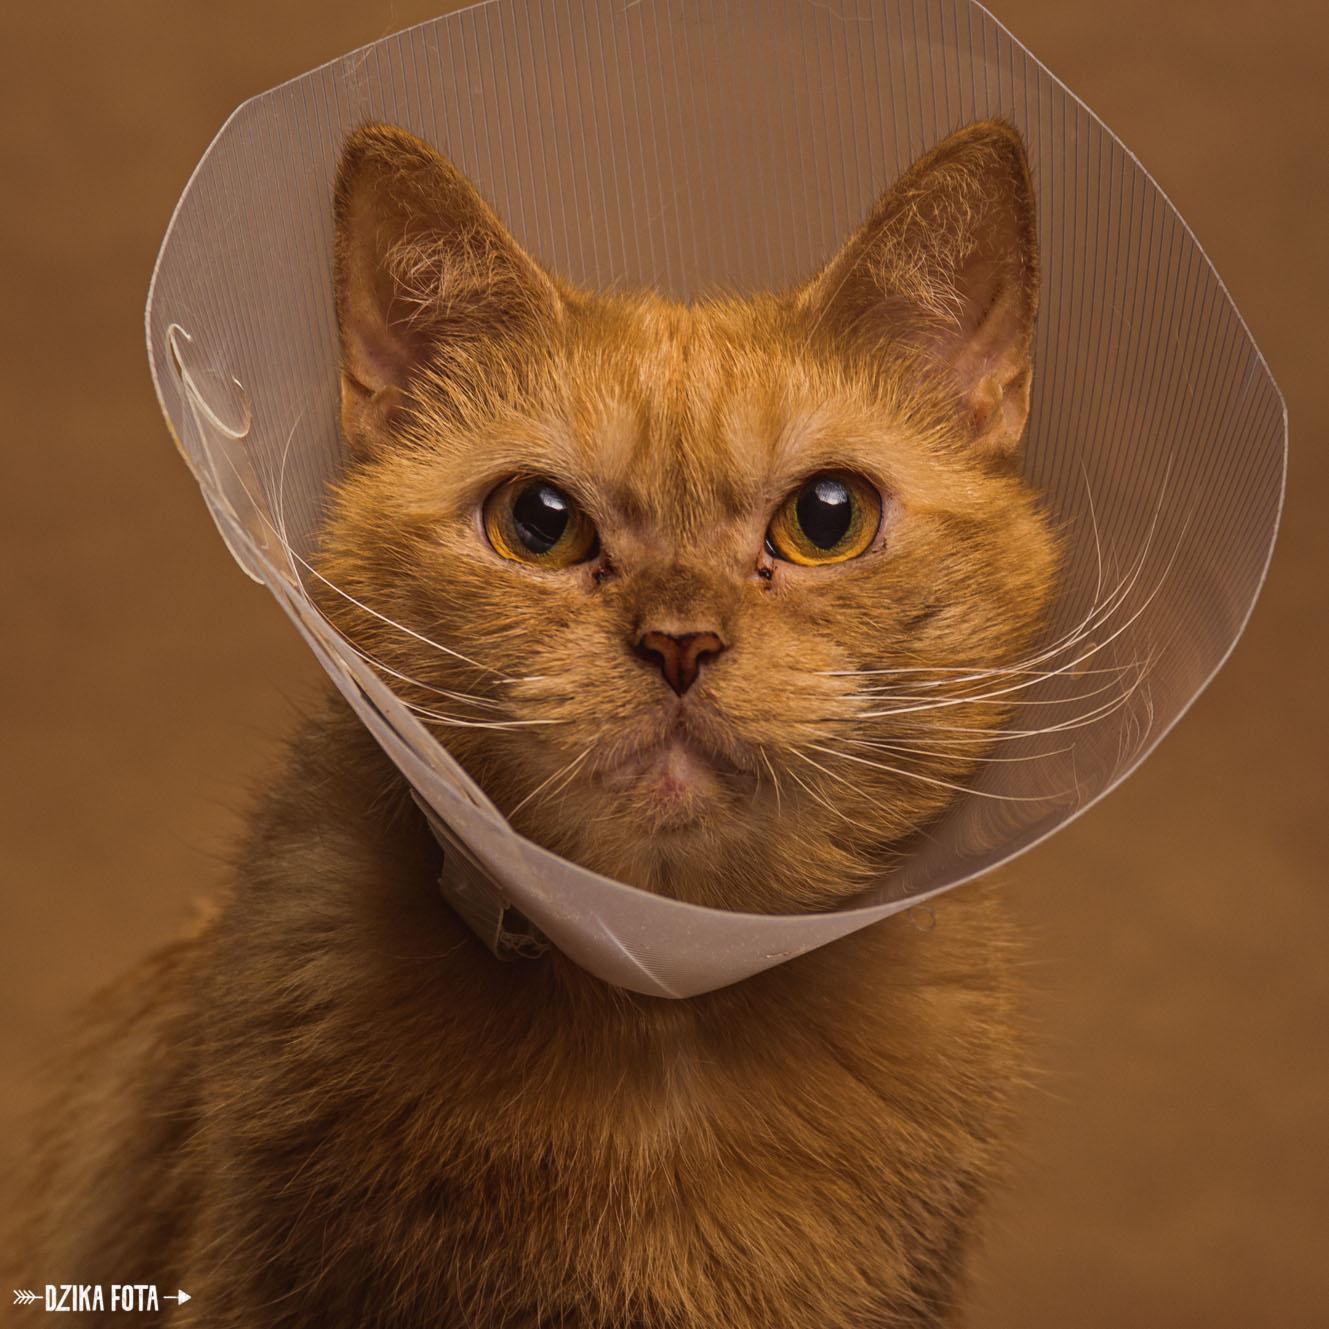 Kot fotograf zwierzęta